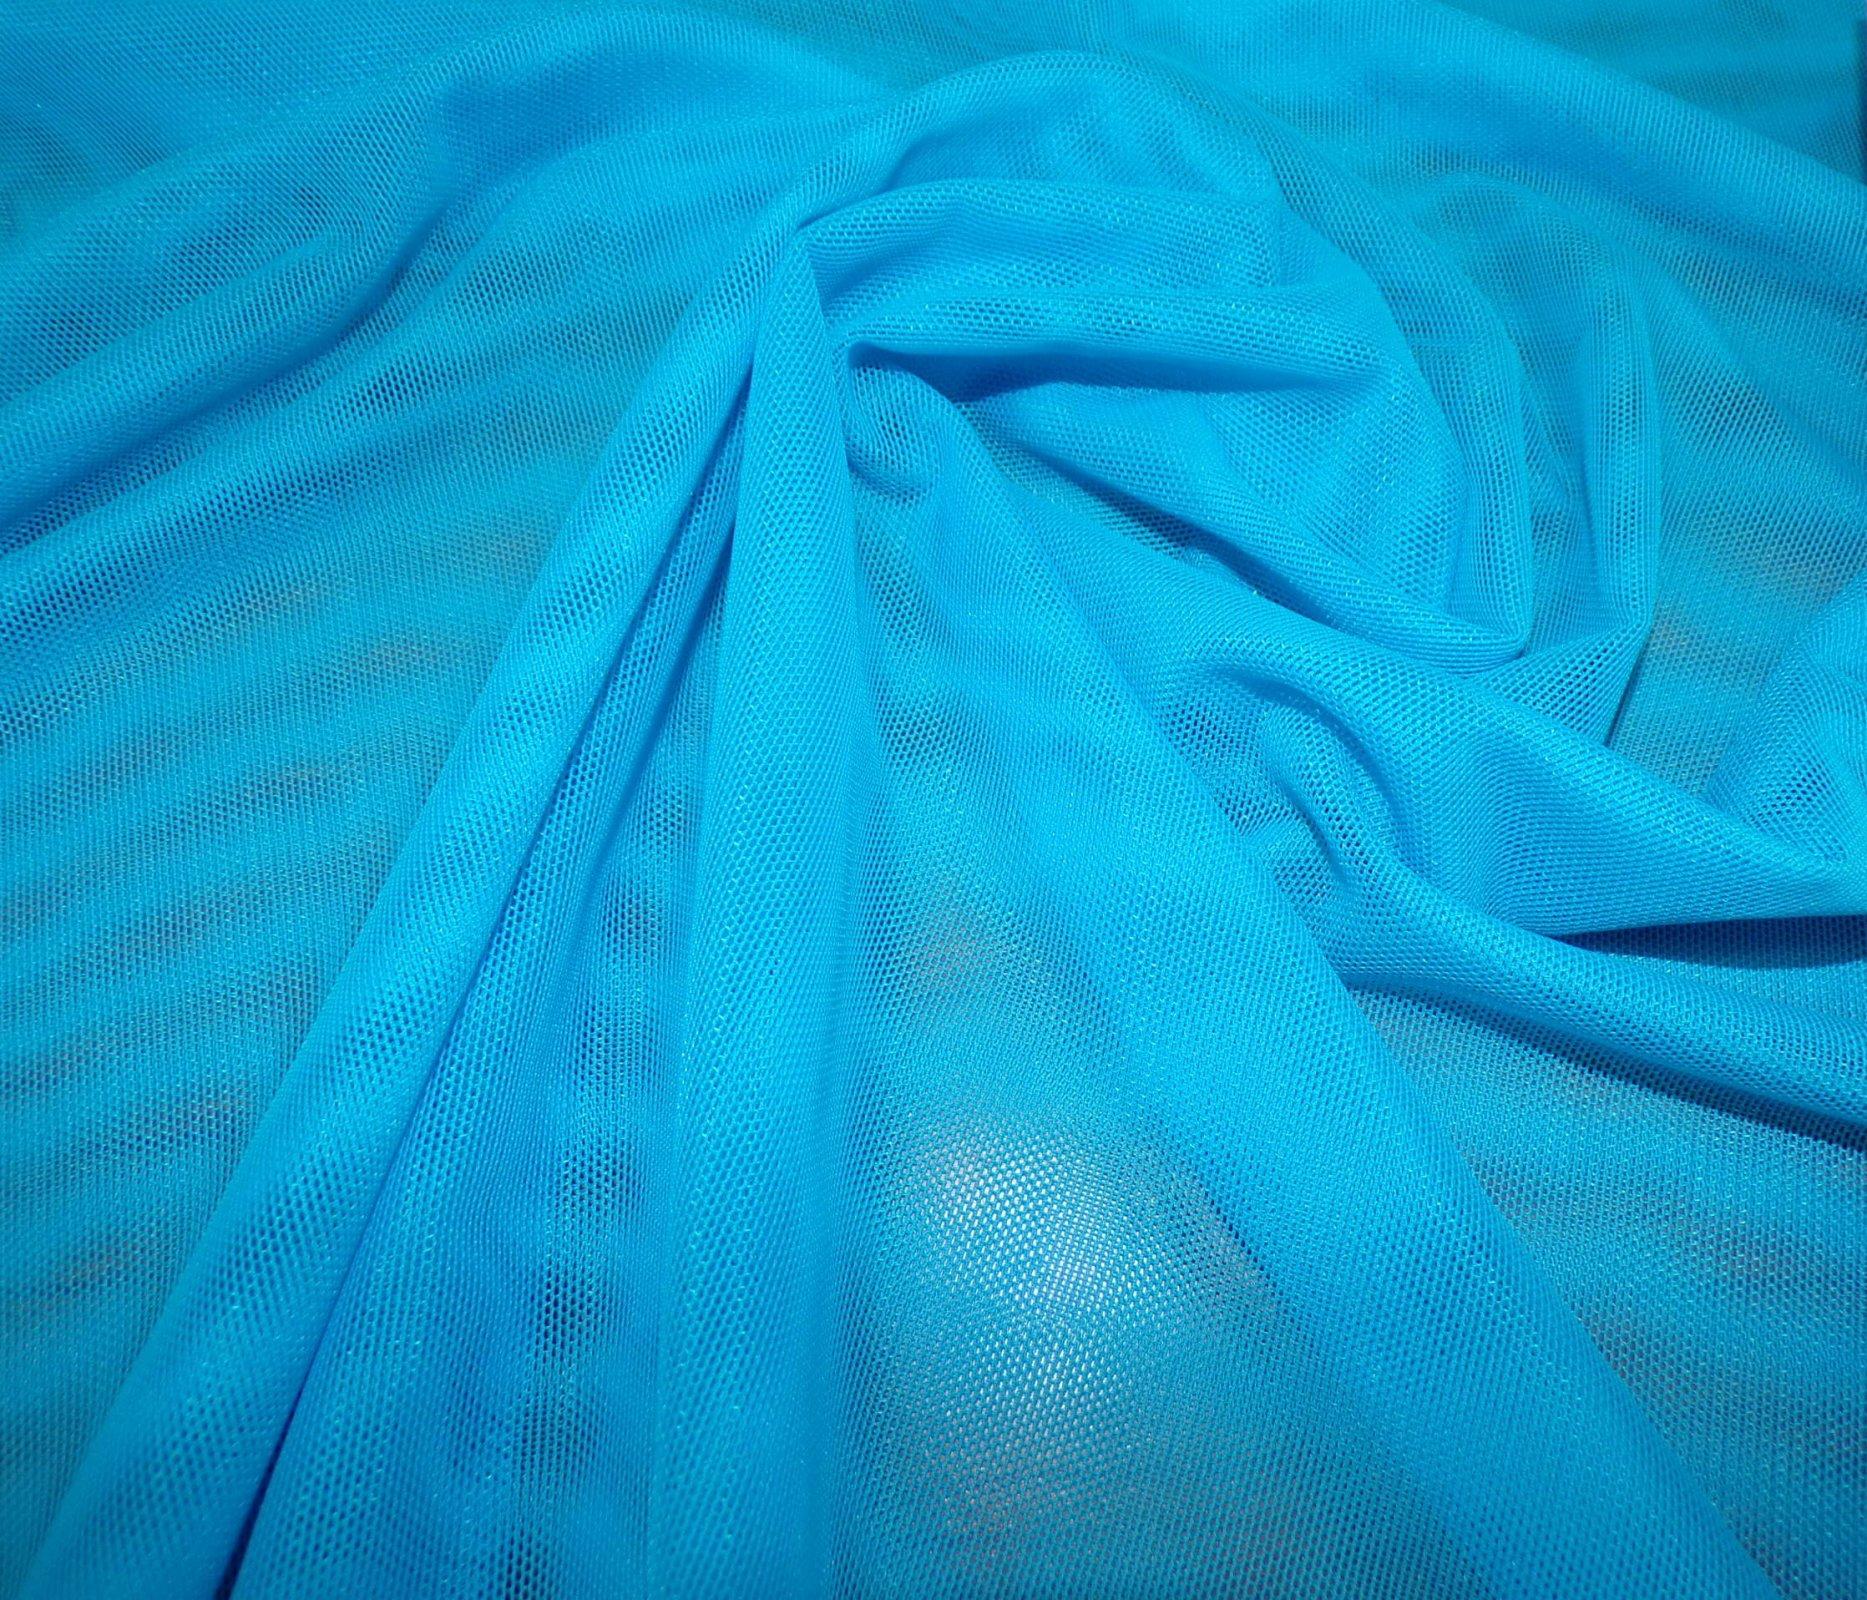 Sensua Mesh - Turquoise